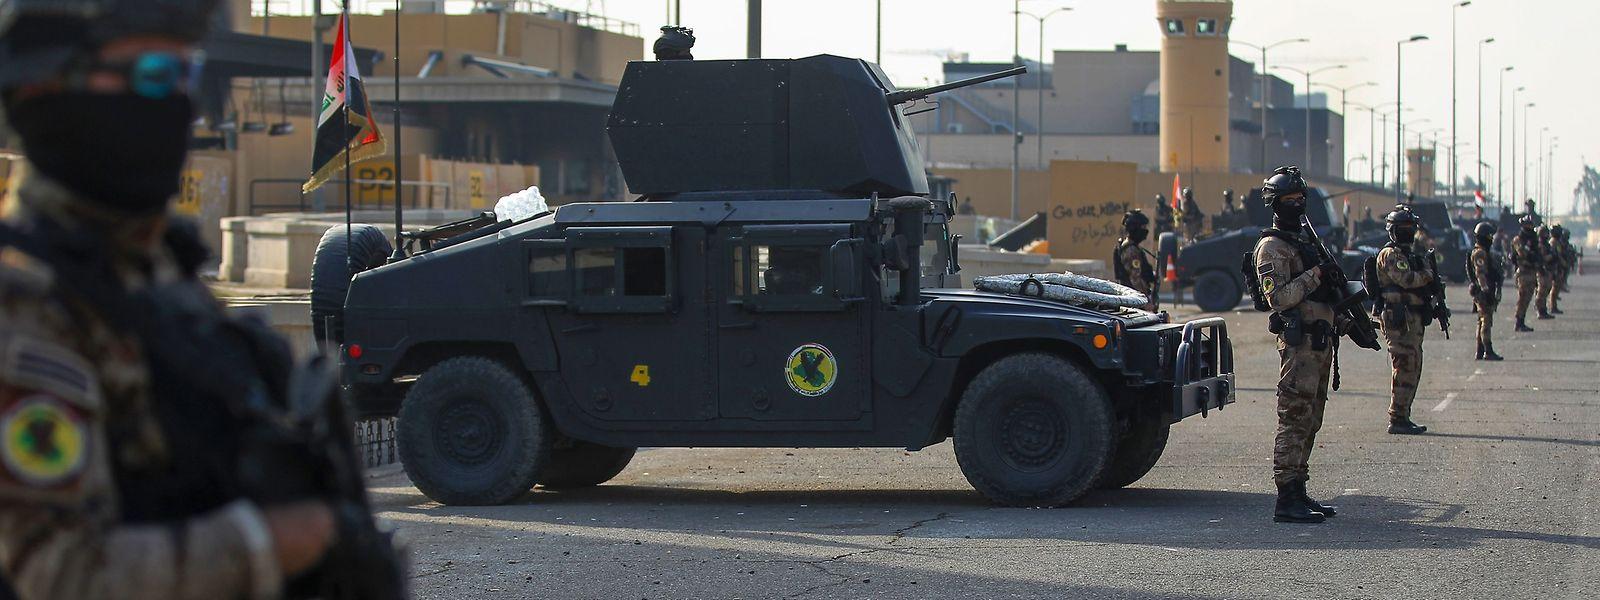 US-Truppen in Bagdad sollen die irakische Armee im Kampf gegen die Terrormiliz Islamischer Staat (IS) unterstützen.